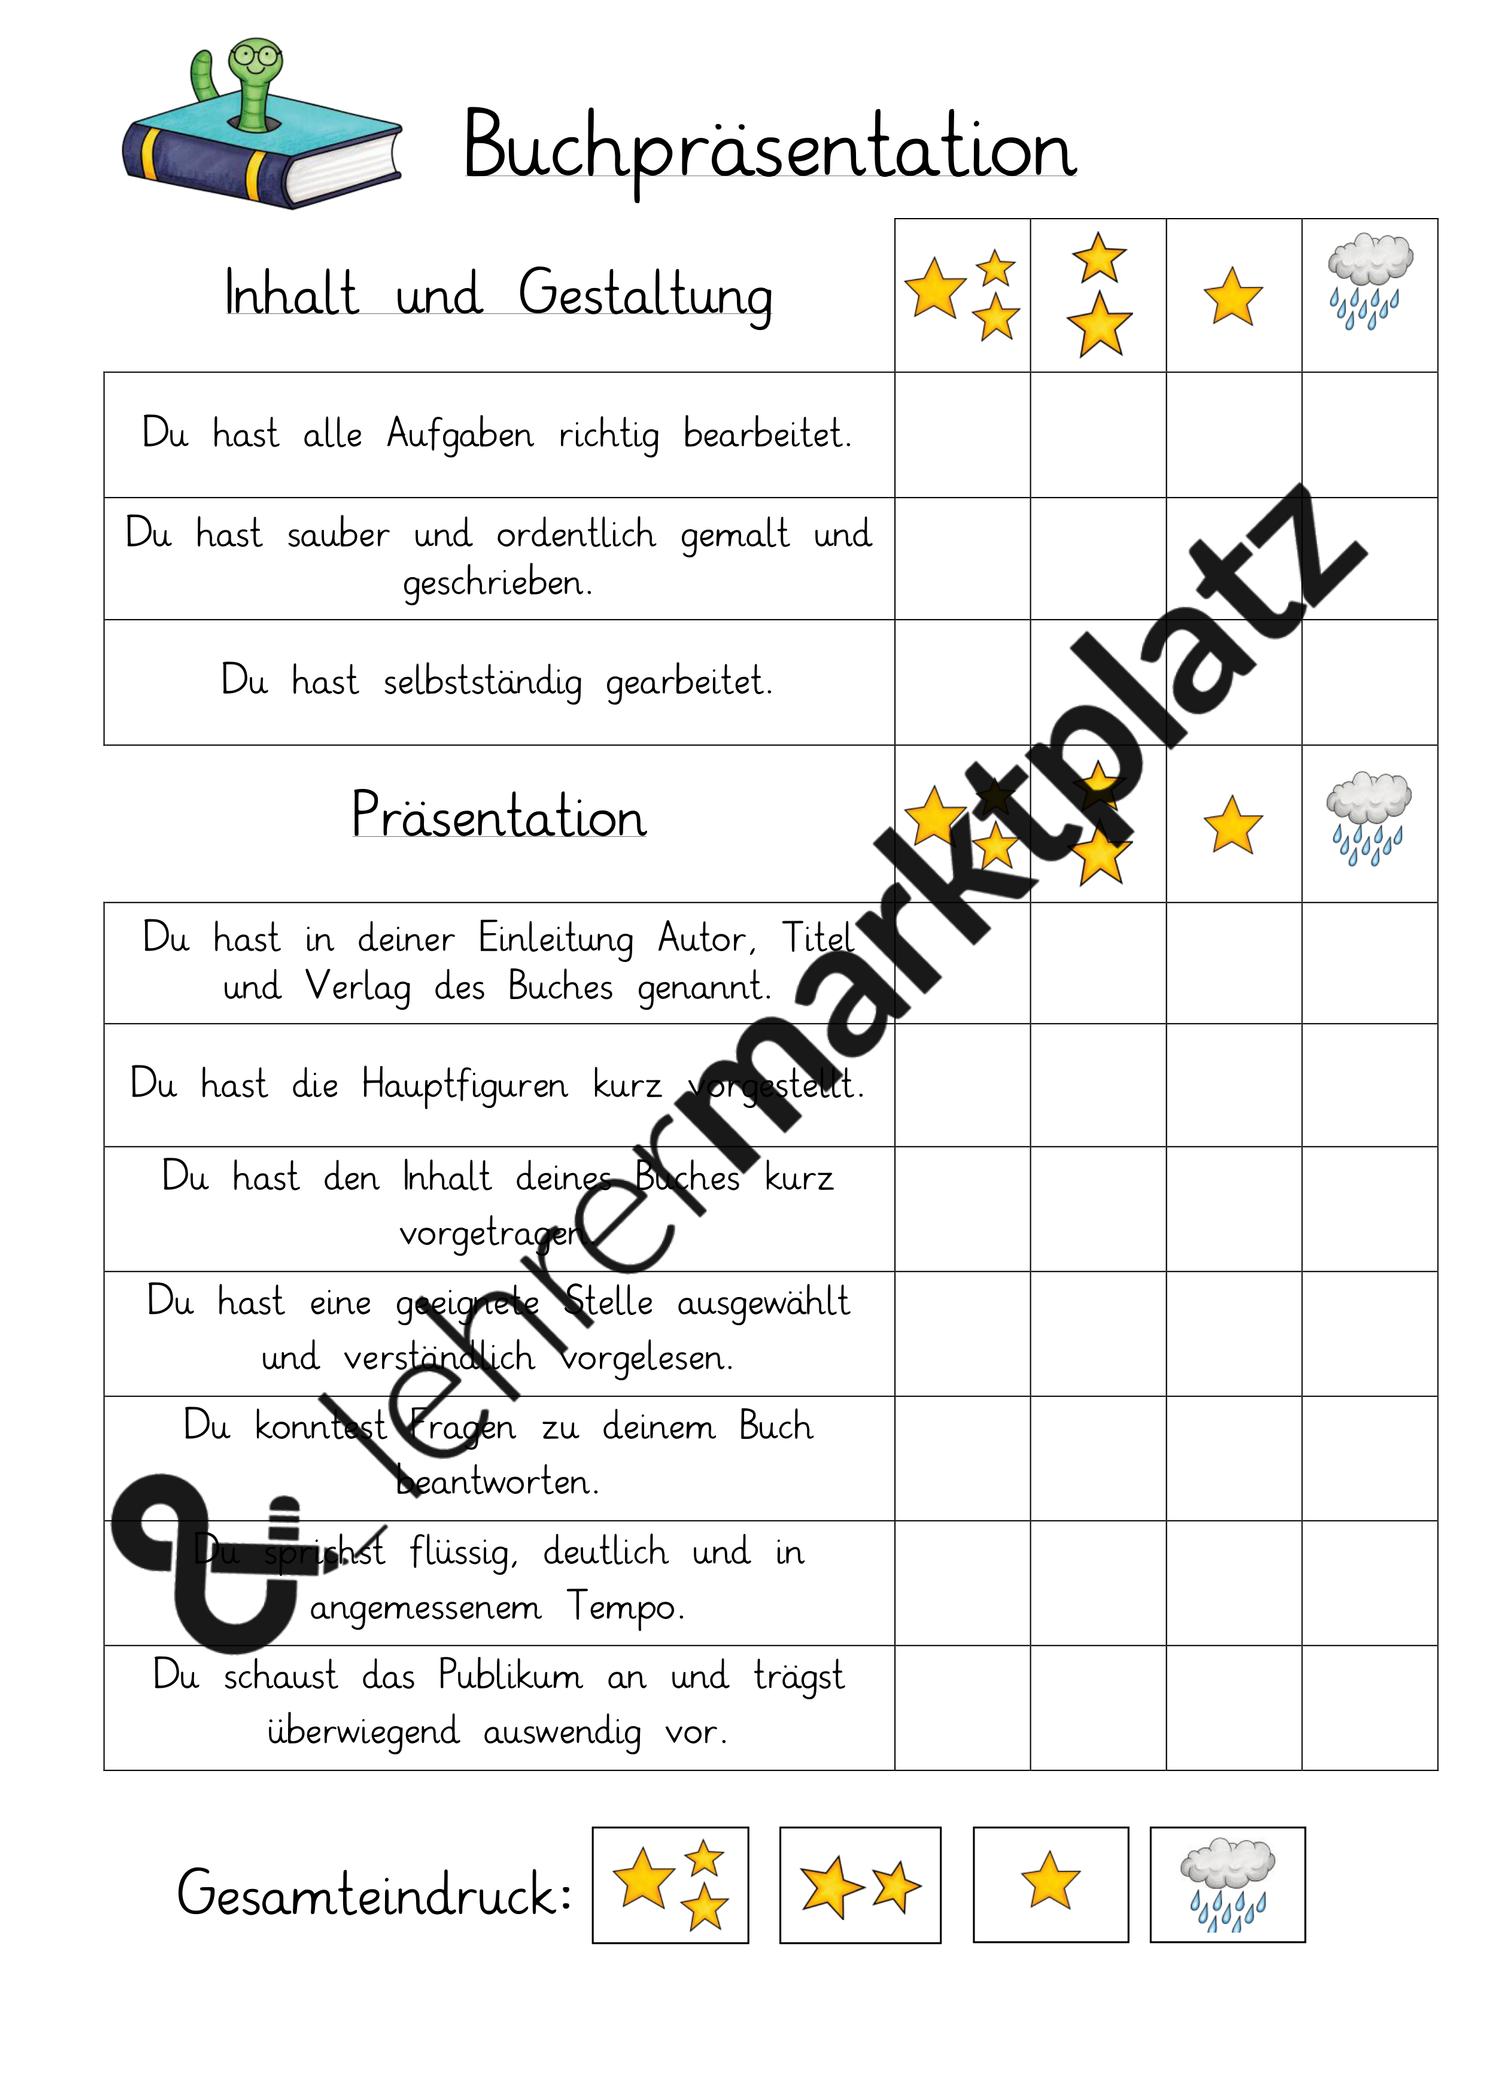 Buchprasentation Bewertungsraster Unterrichtsmaterial Im Fach Deutsch In 2020 Buchvorstellung Grundschule Lesen Lernen Lehrmaterial